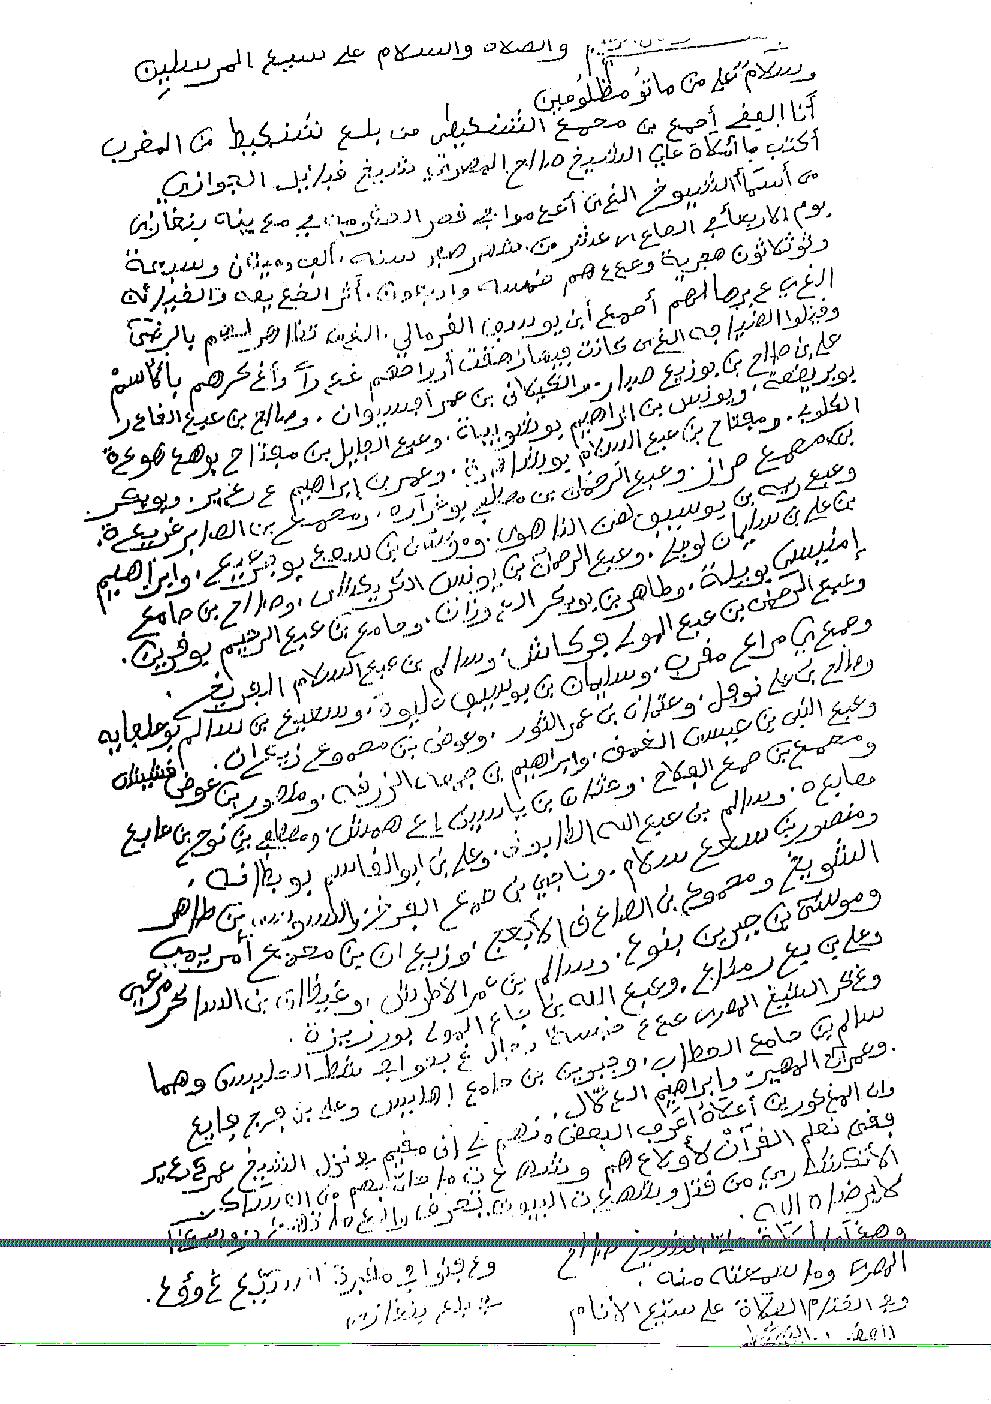 مدونة شرق ليبيا وثيقة خطية عن واقعة إعدام شيوخ الجوازى بالقصر سنة 1237 هـ Words Word Search Puzzle Libya